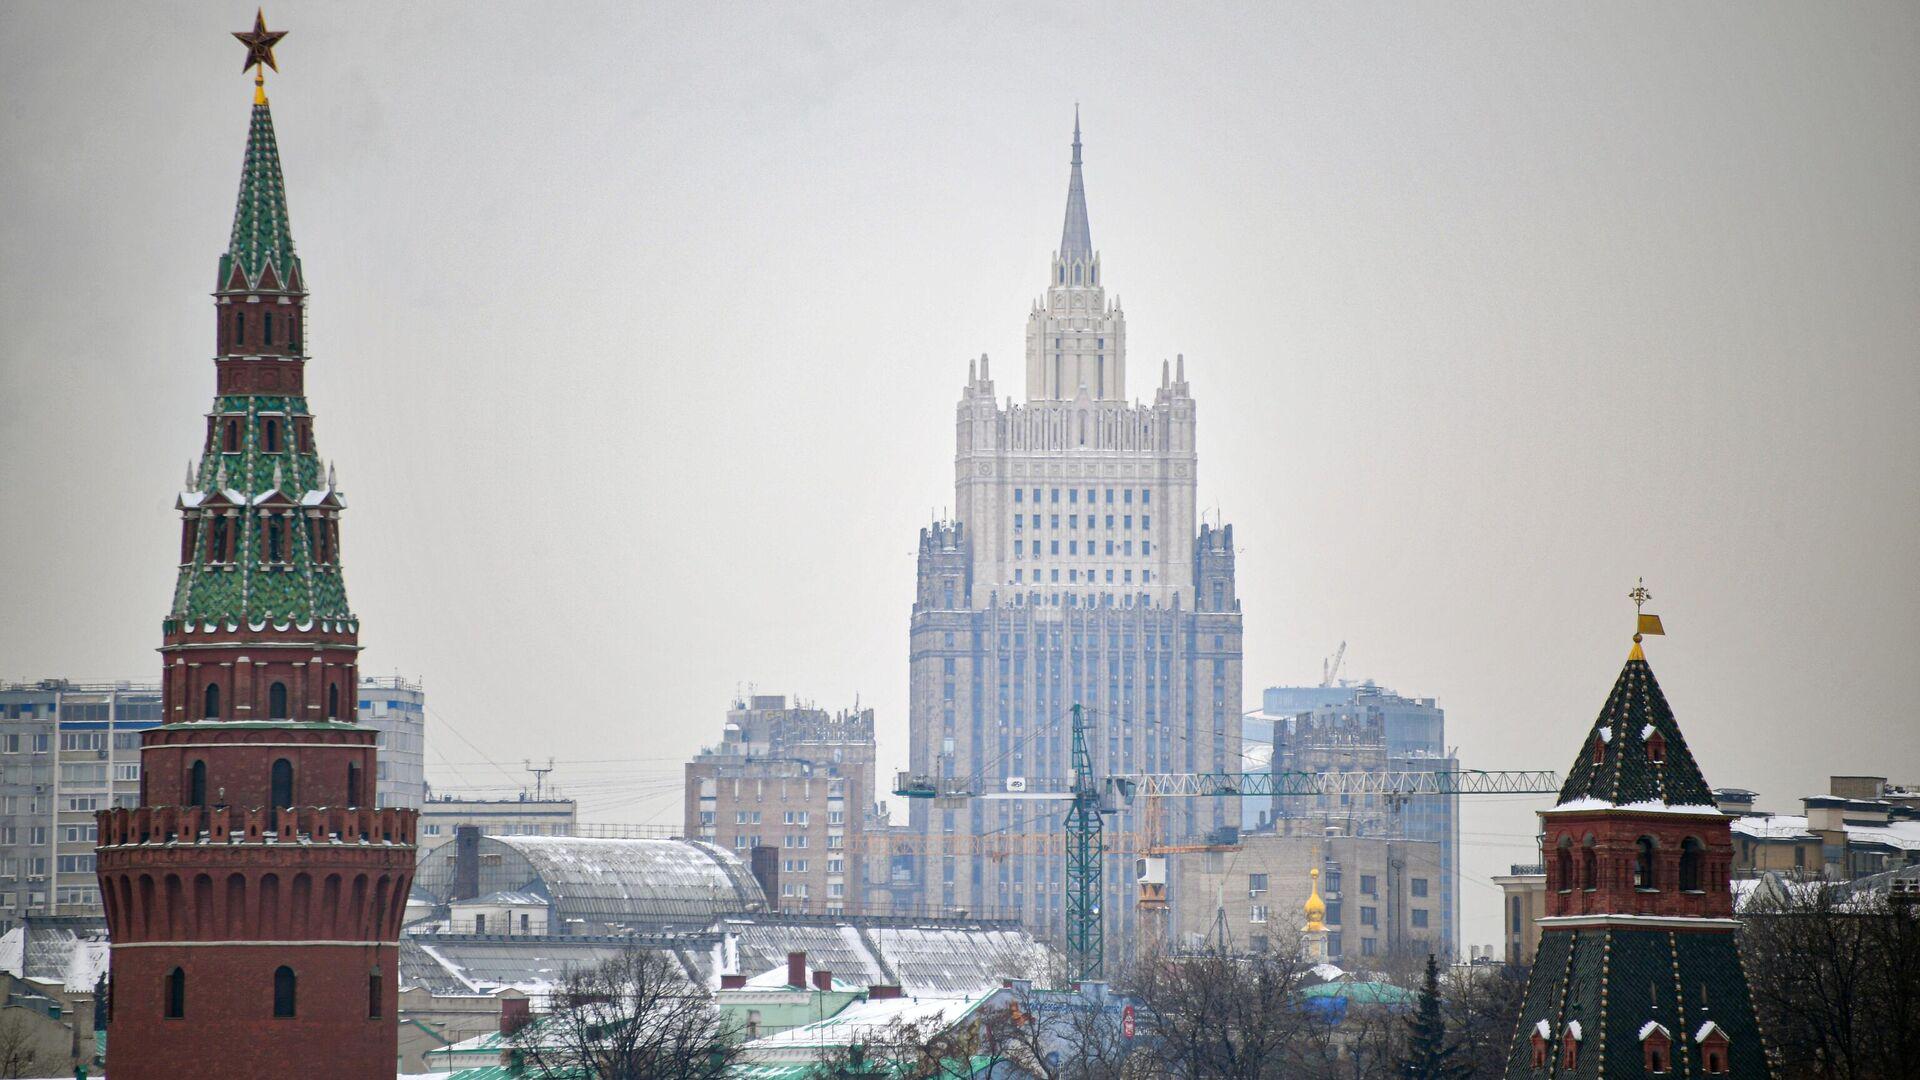 Вид на башни московского Кремля и здание МИД - РИА Новости, 1920, 10.02.2021